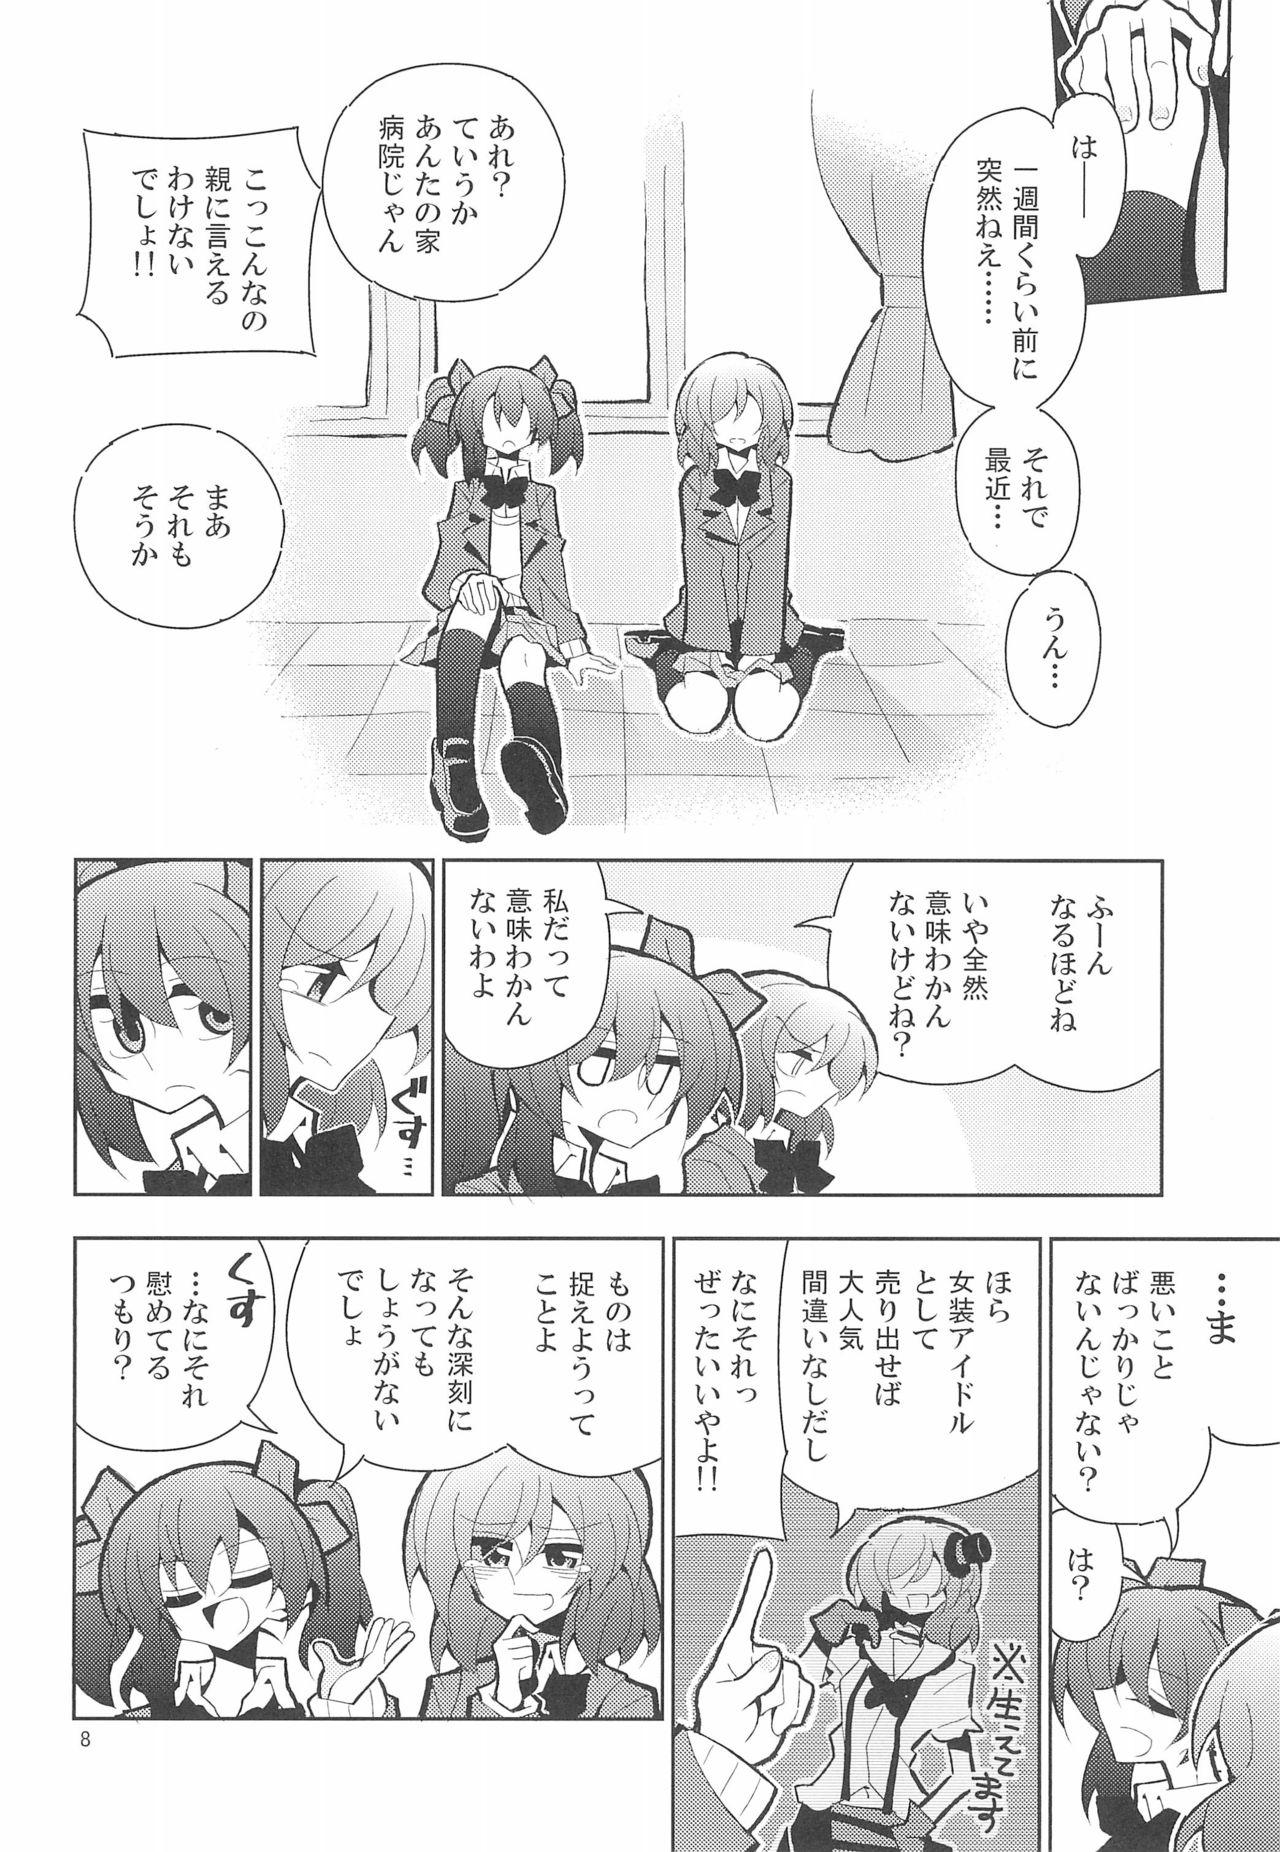 NicoMaki Futanari Sex 7